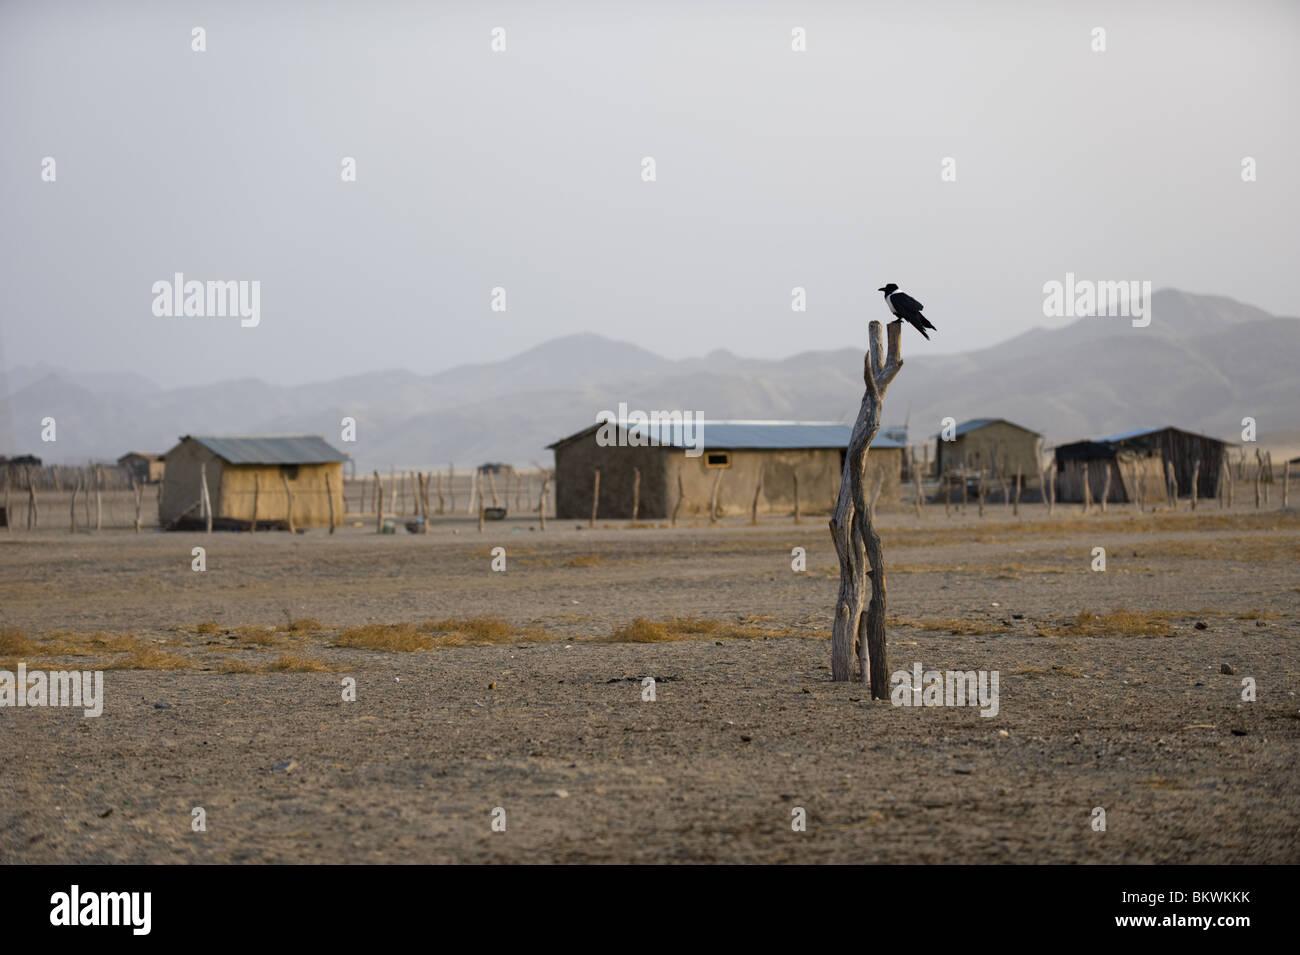 Purros vilage, Kaokoland, Kunene region, Namibia. Stock Photo